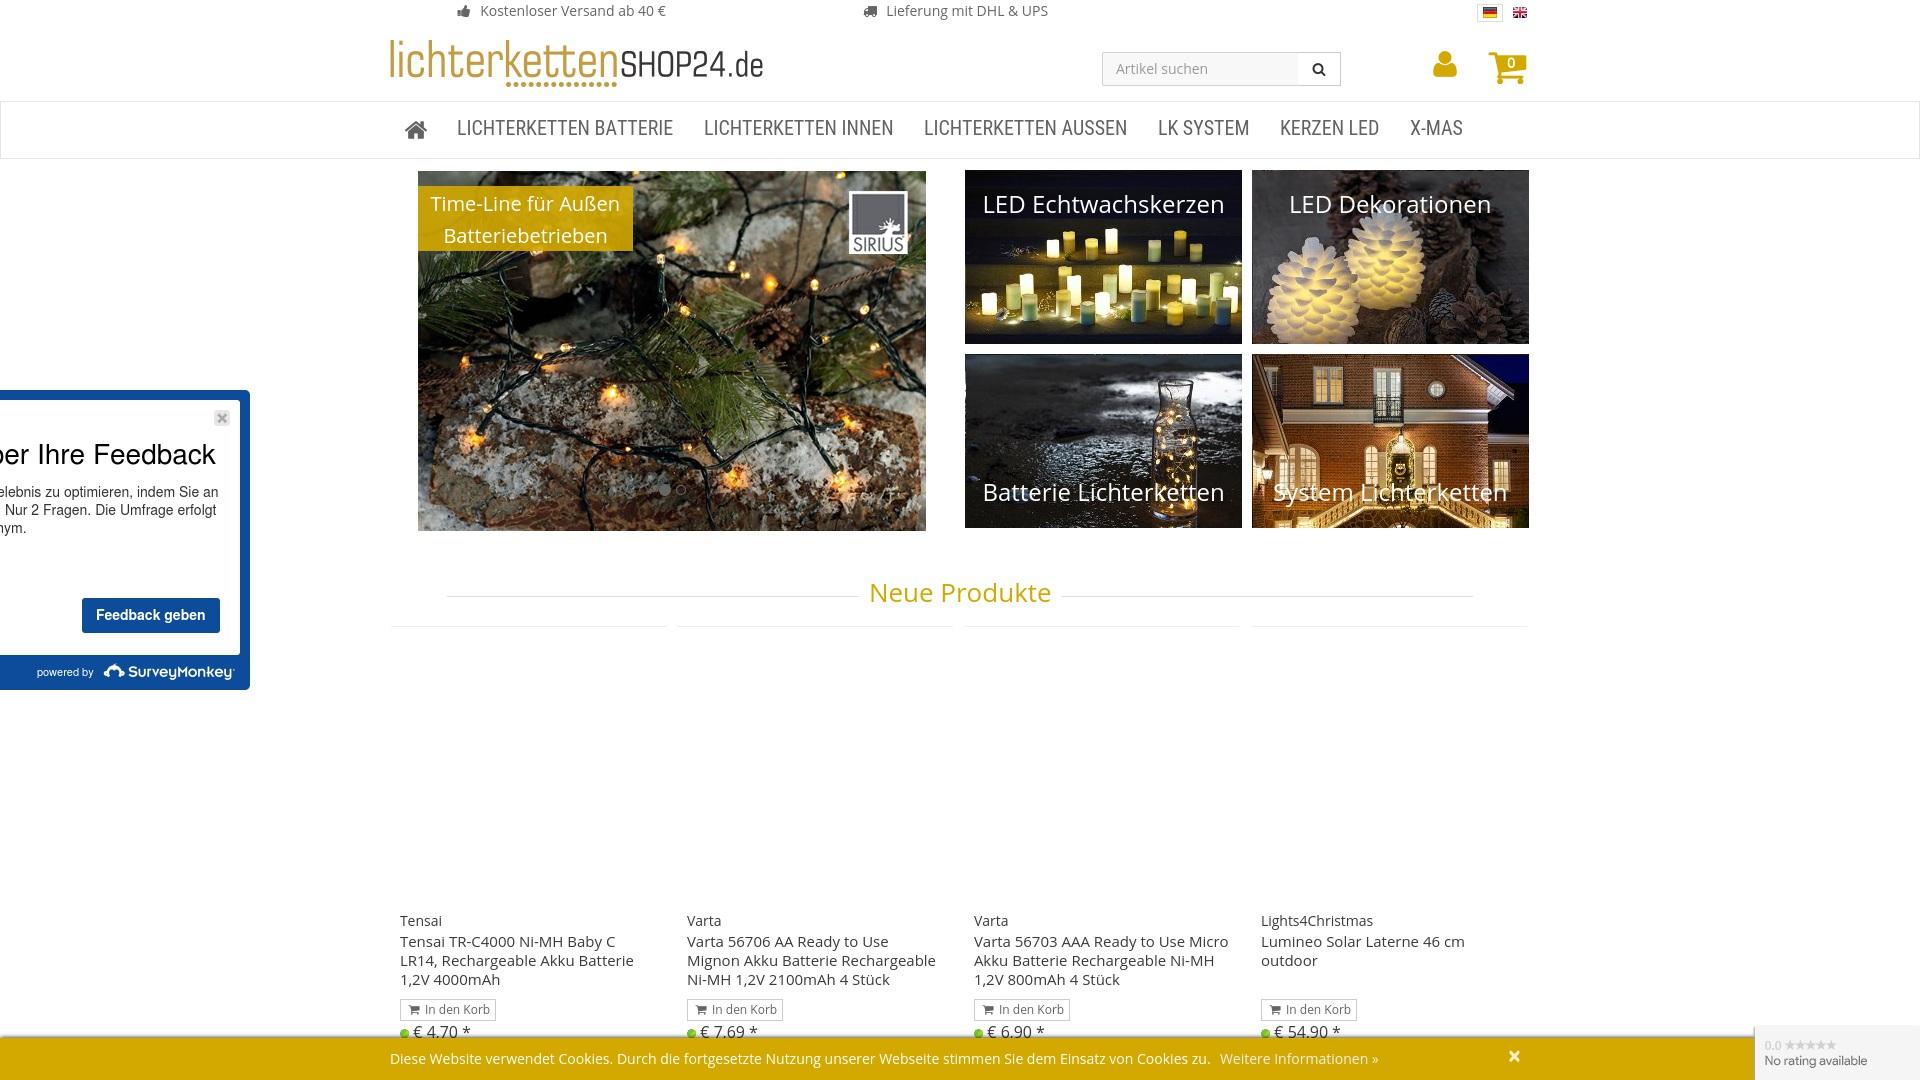 Gutschein für Lichterkettenshop24: Rabatte für  Lichterkettenshop24 sichern